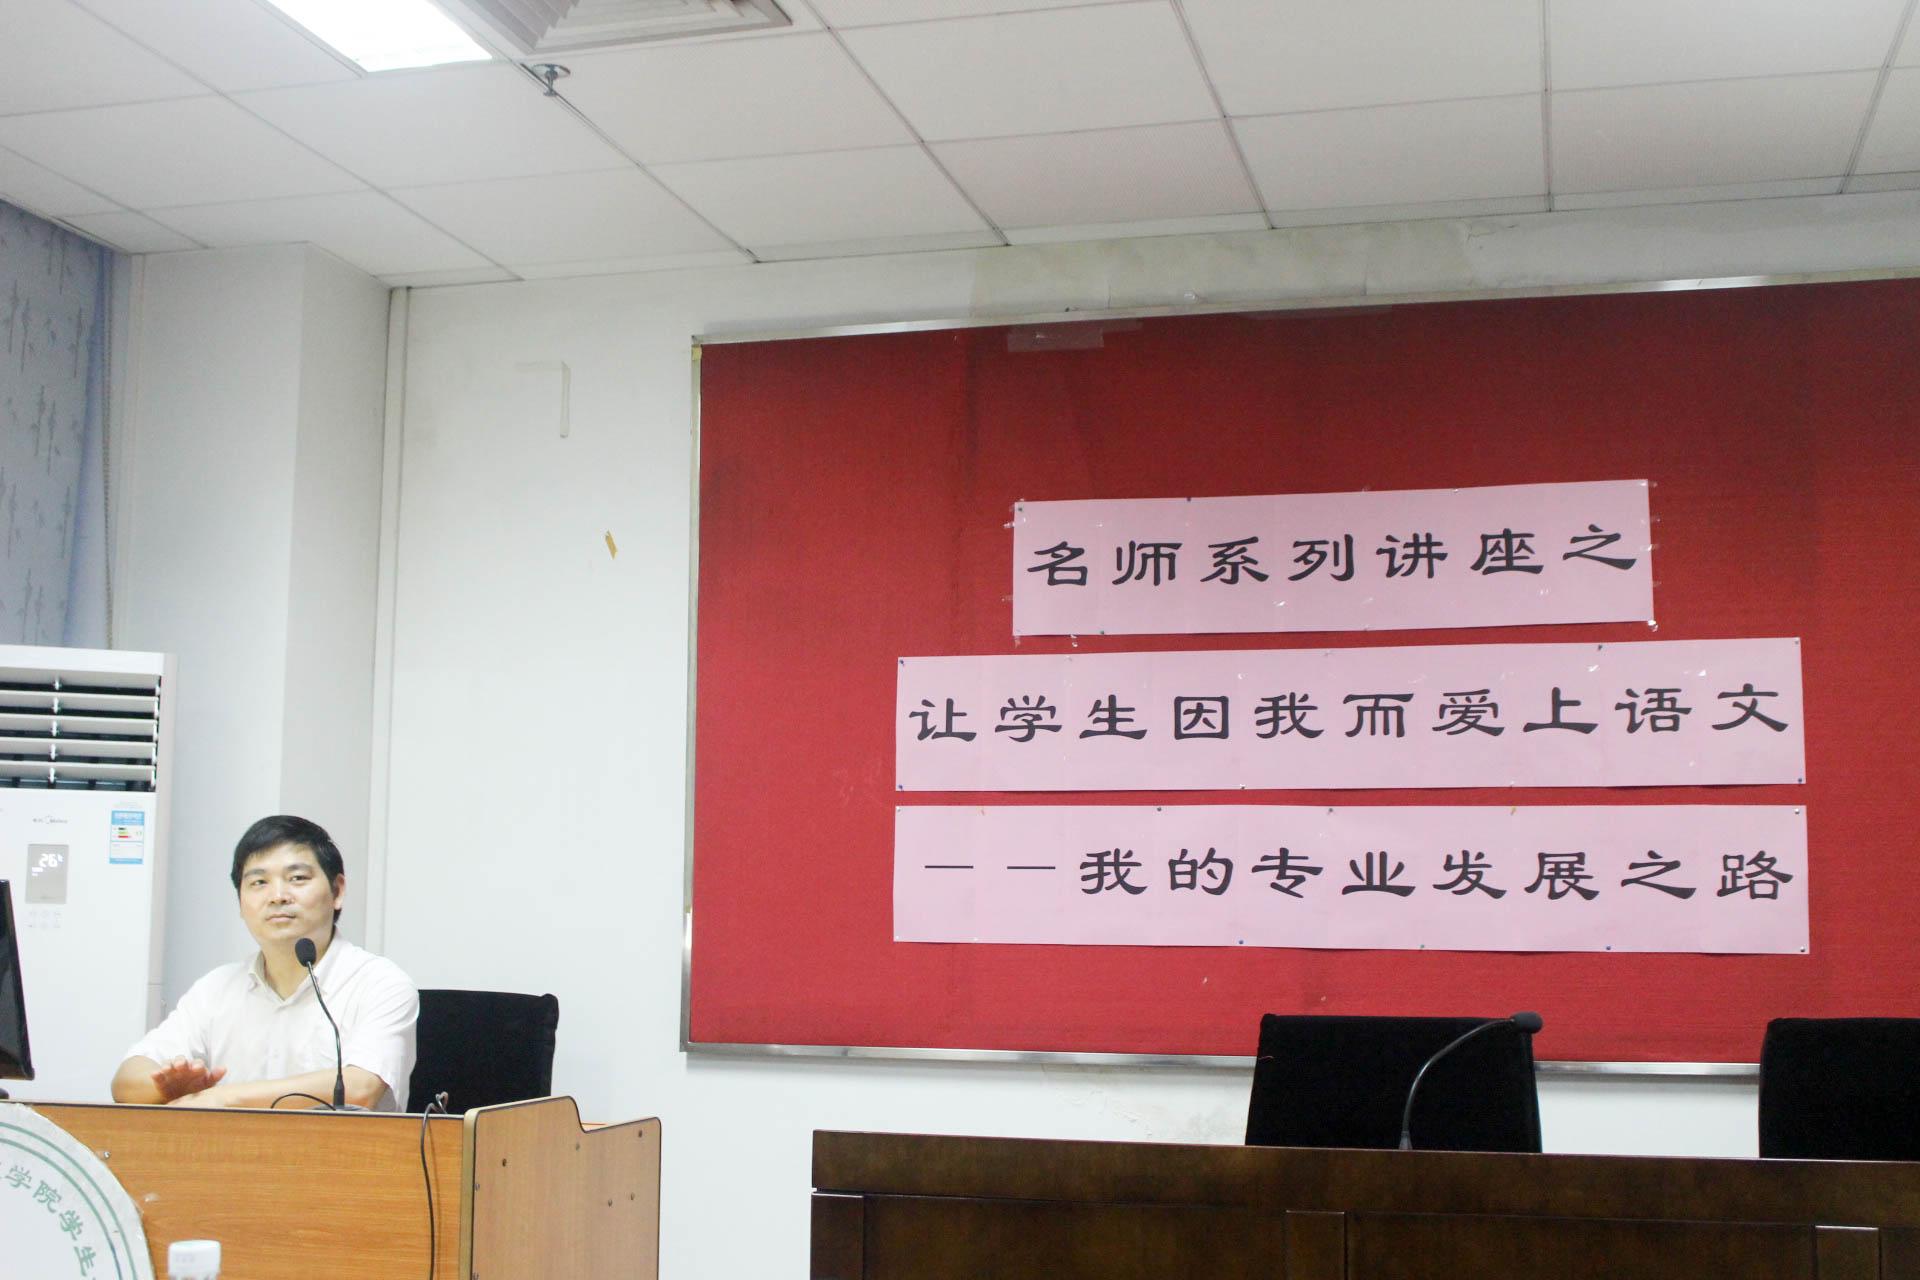 名师系列讲座之让学生因我而爱上语文顺利举行